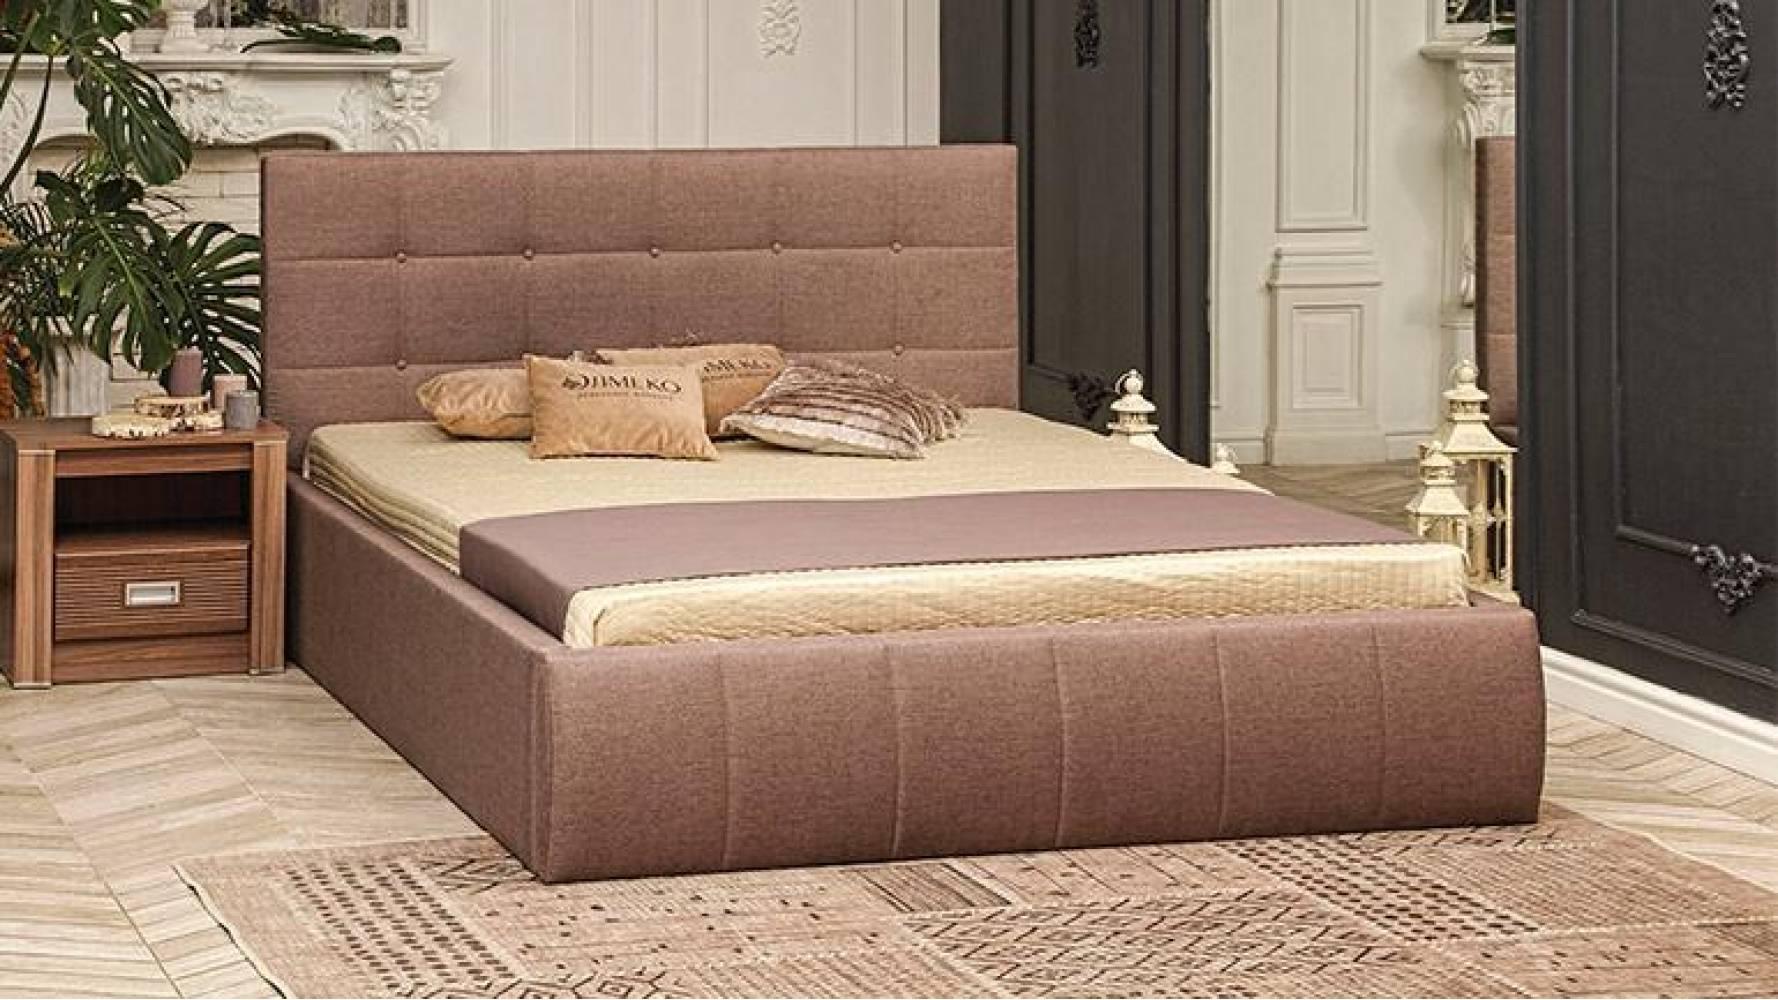 Кровать ДИАНА с подъемным механизмом Олмеко